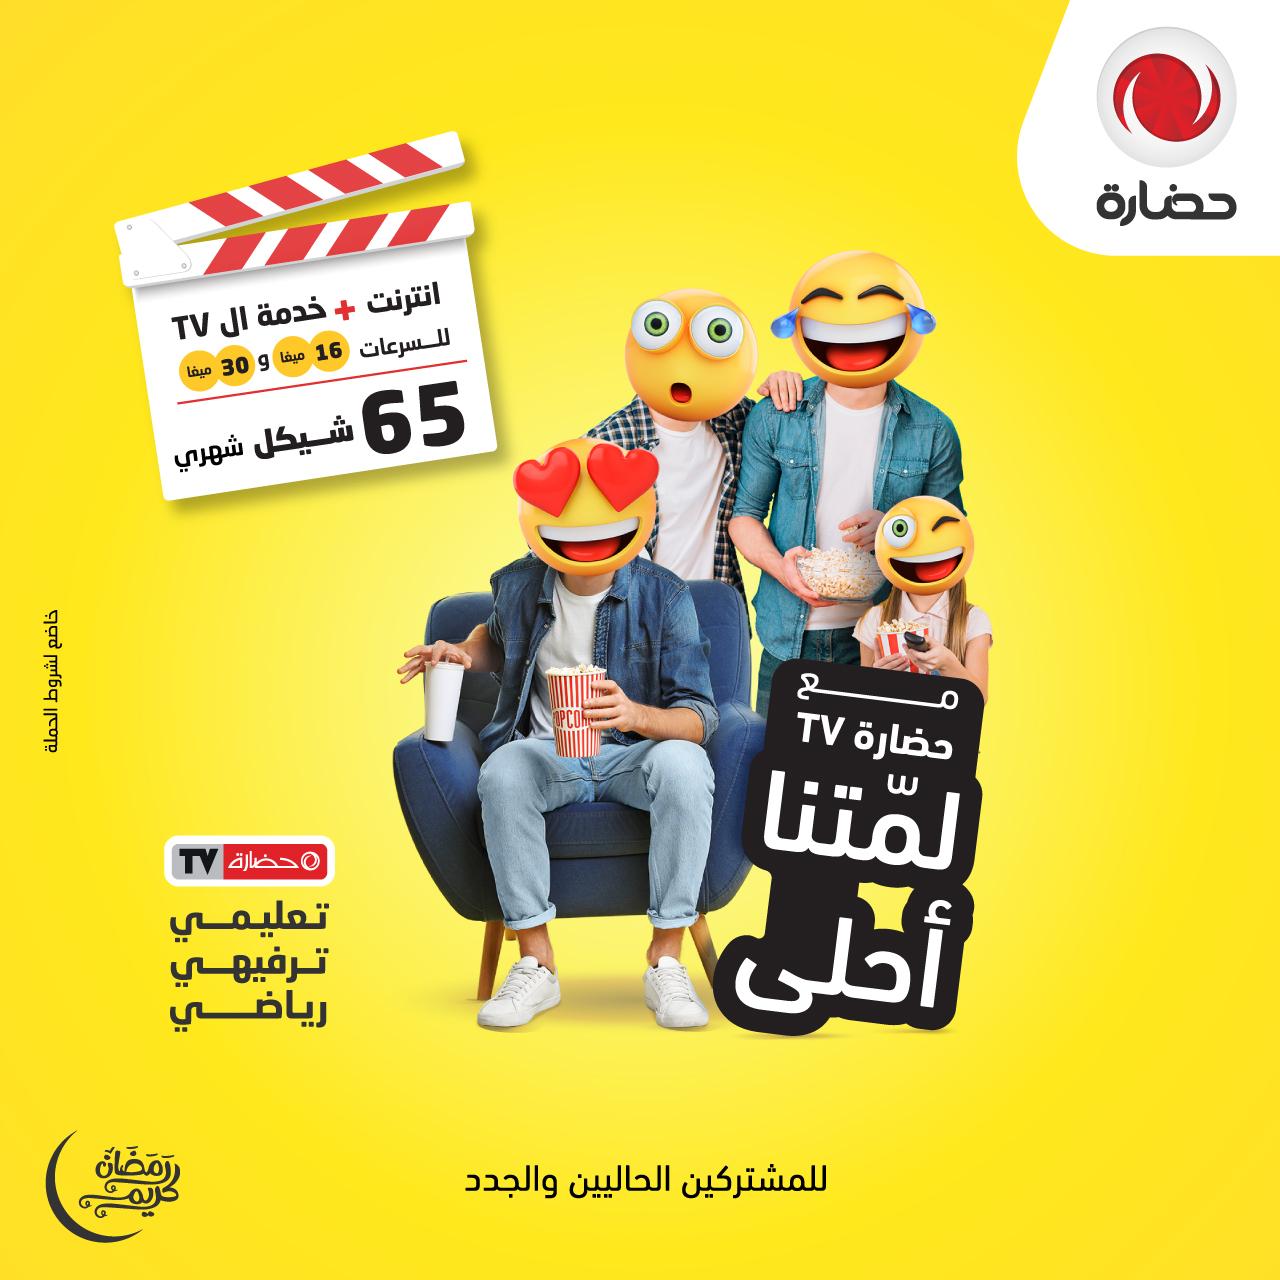 """حضارة تطلق حملة """"لمتنا أحلى مع حضارة TV"""" بمناسبة حلول رمضان"""